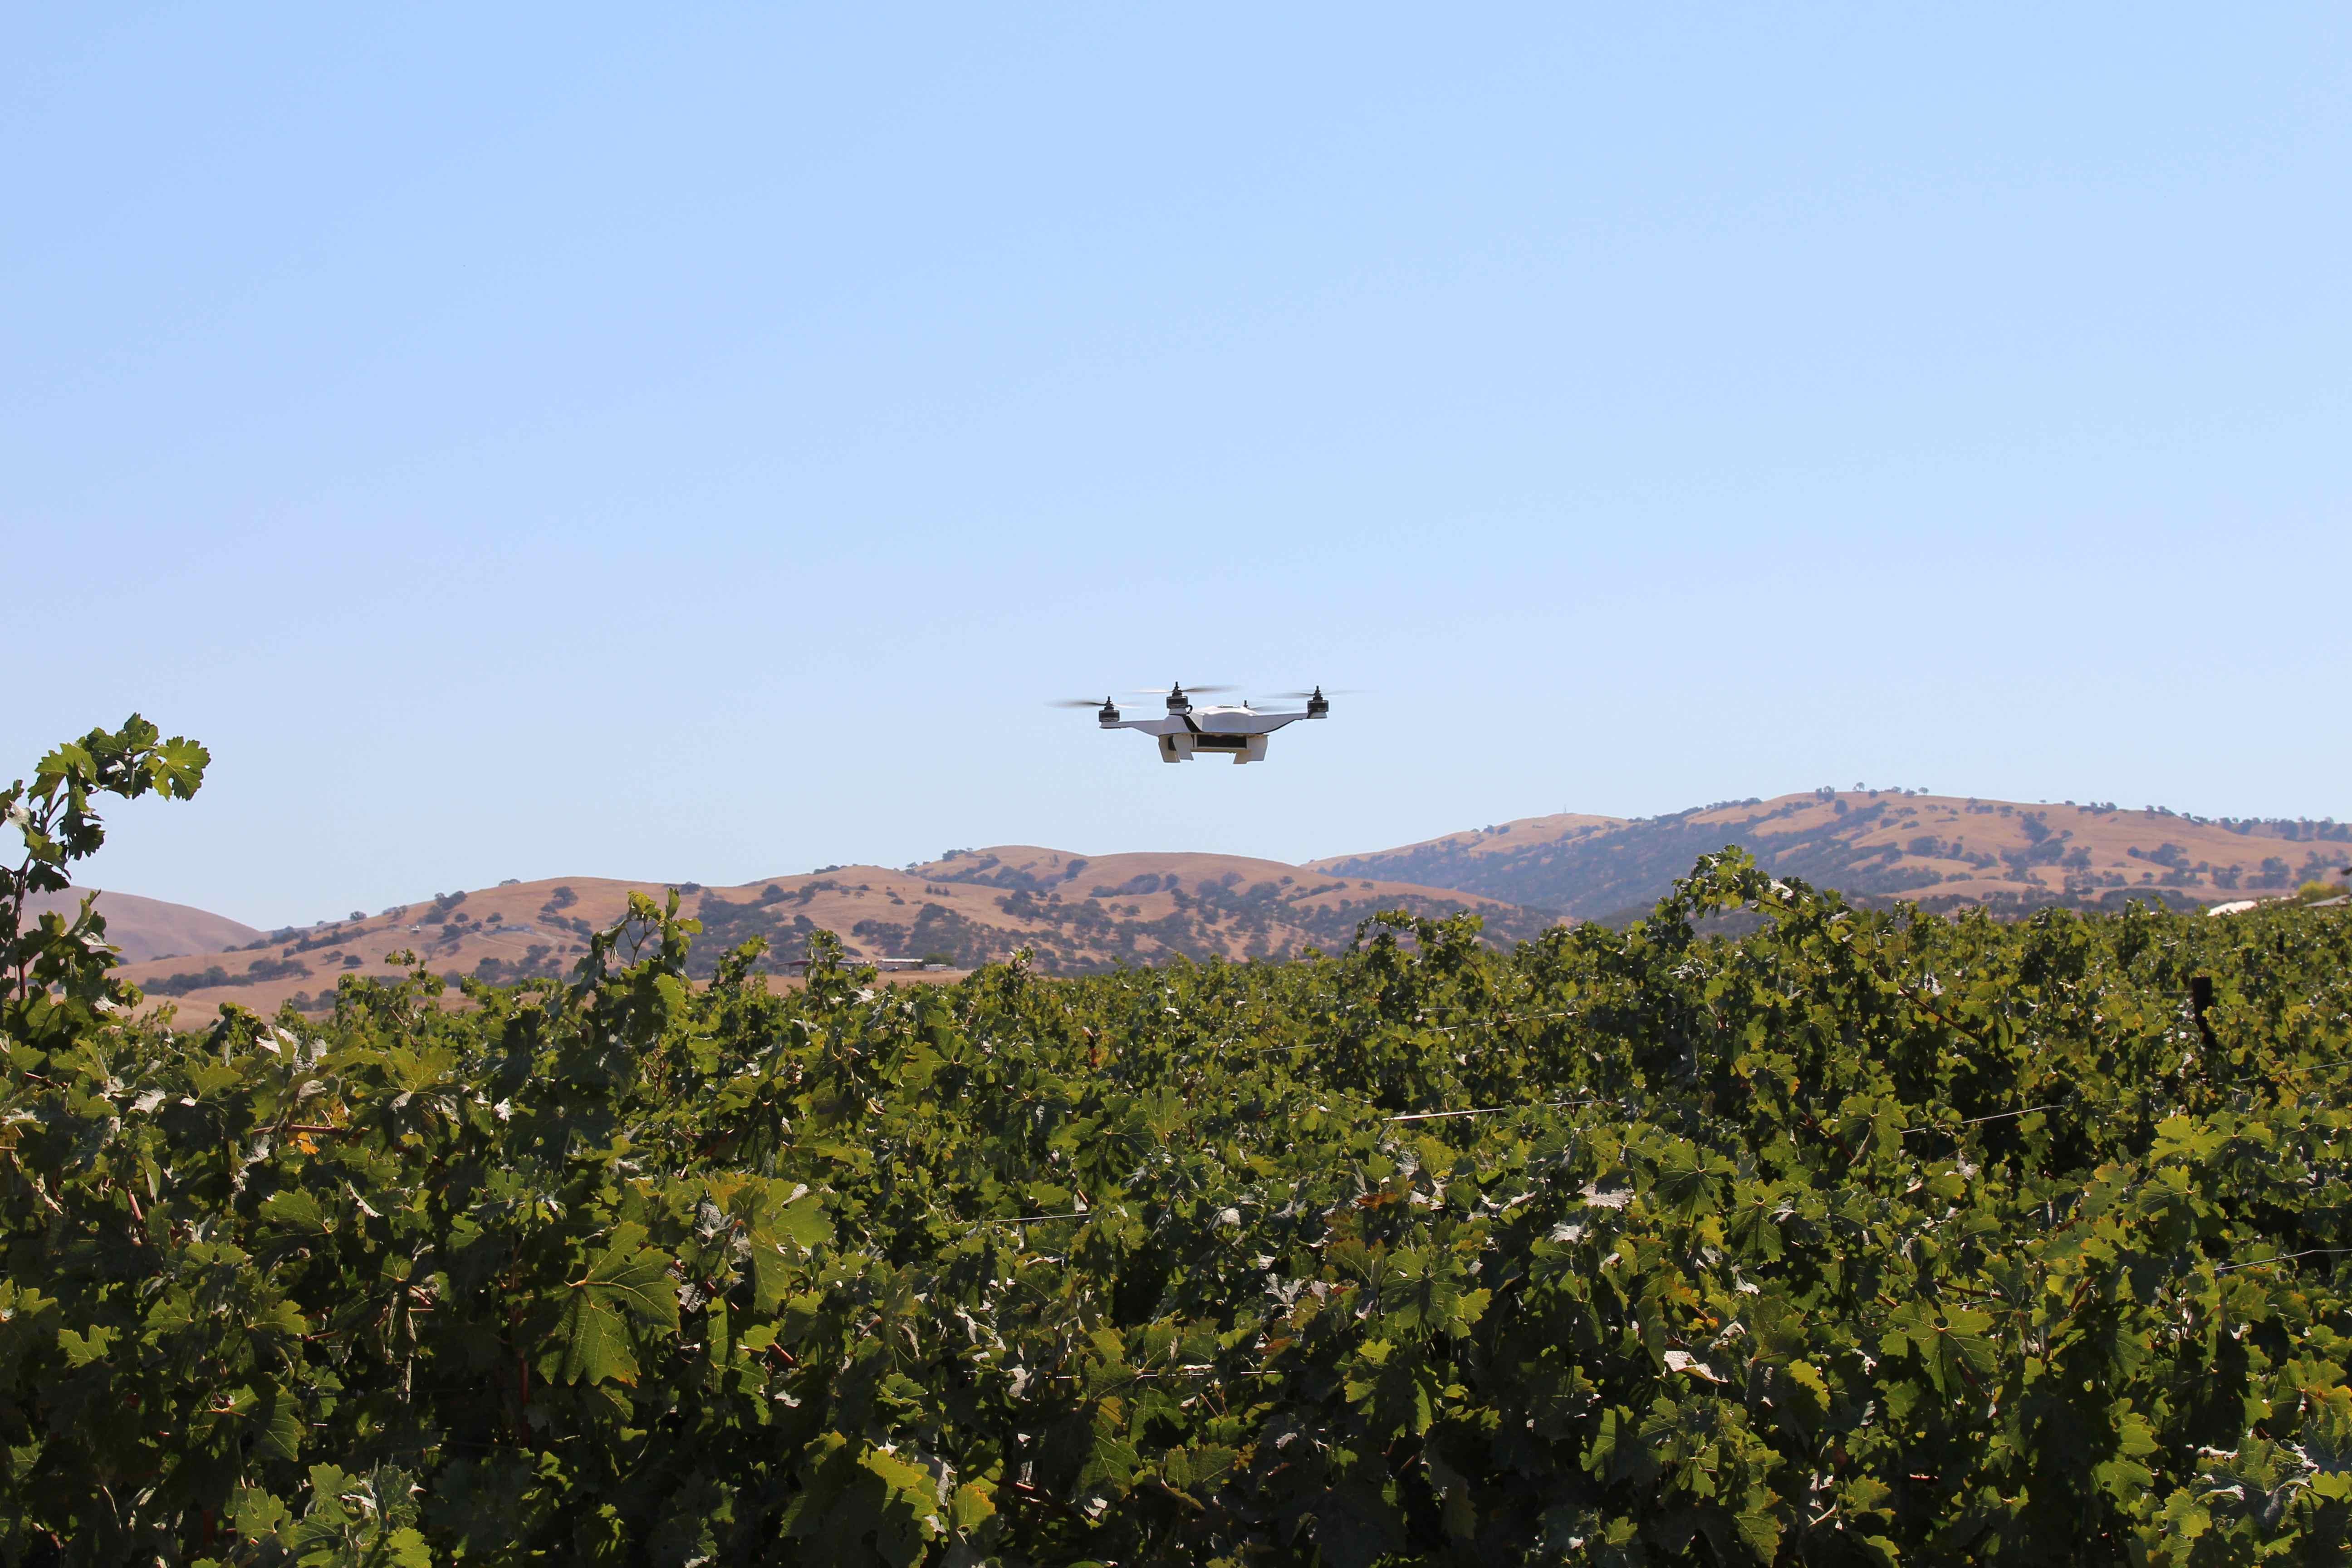 drone in vineyard.jpg